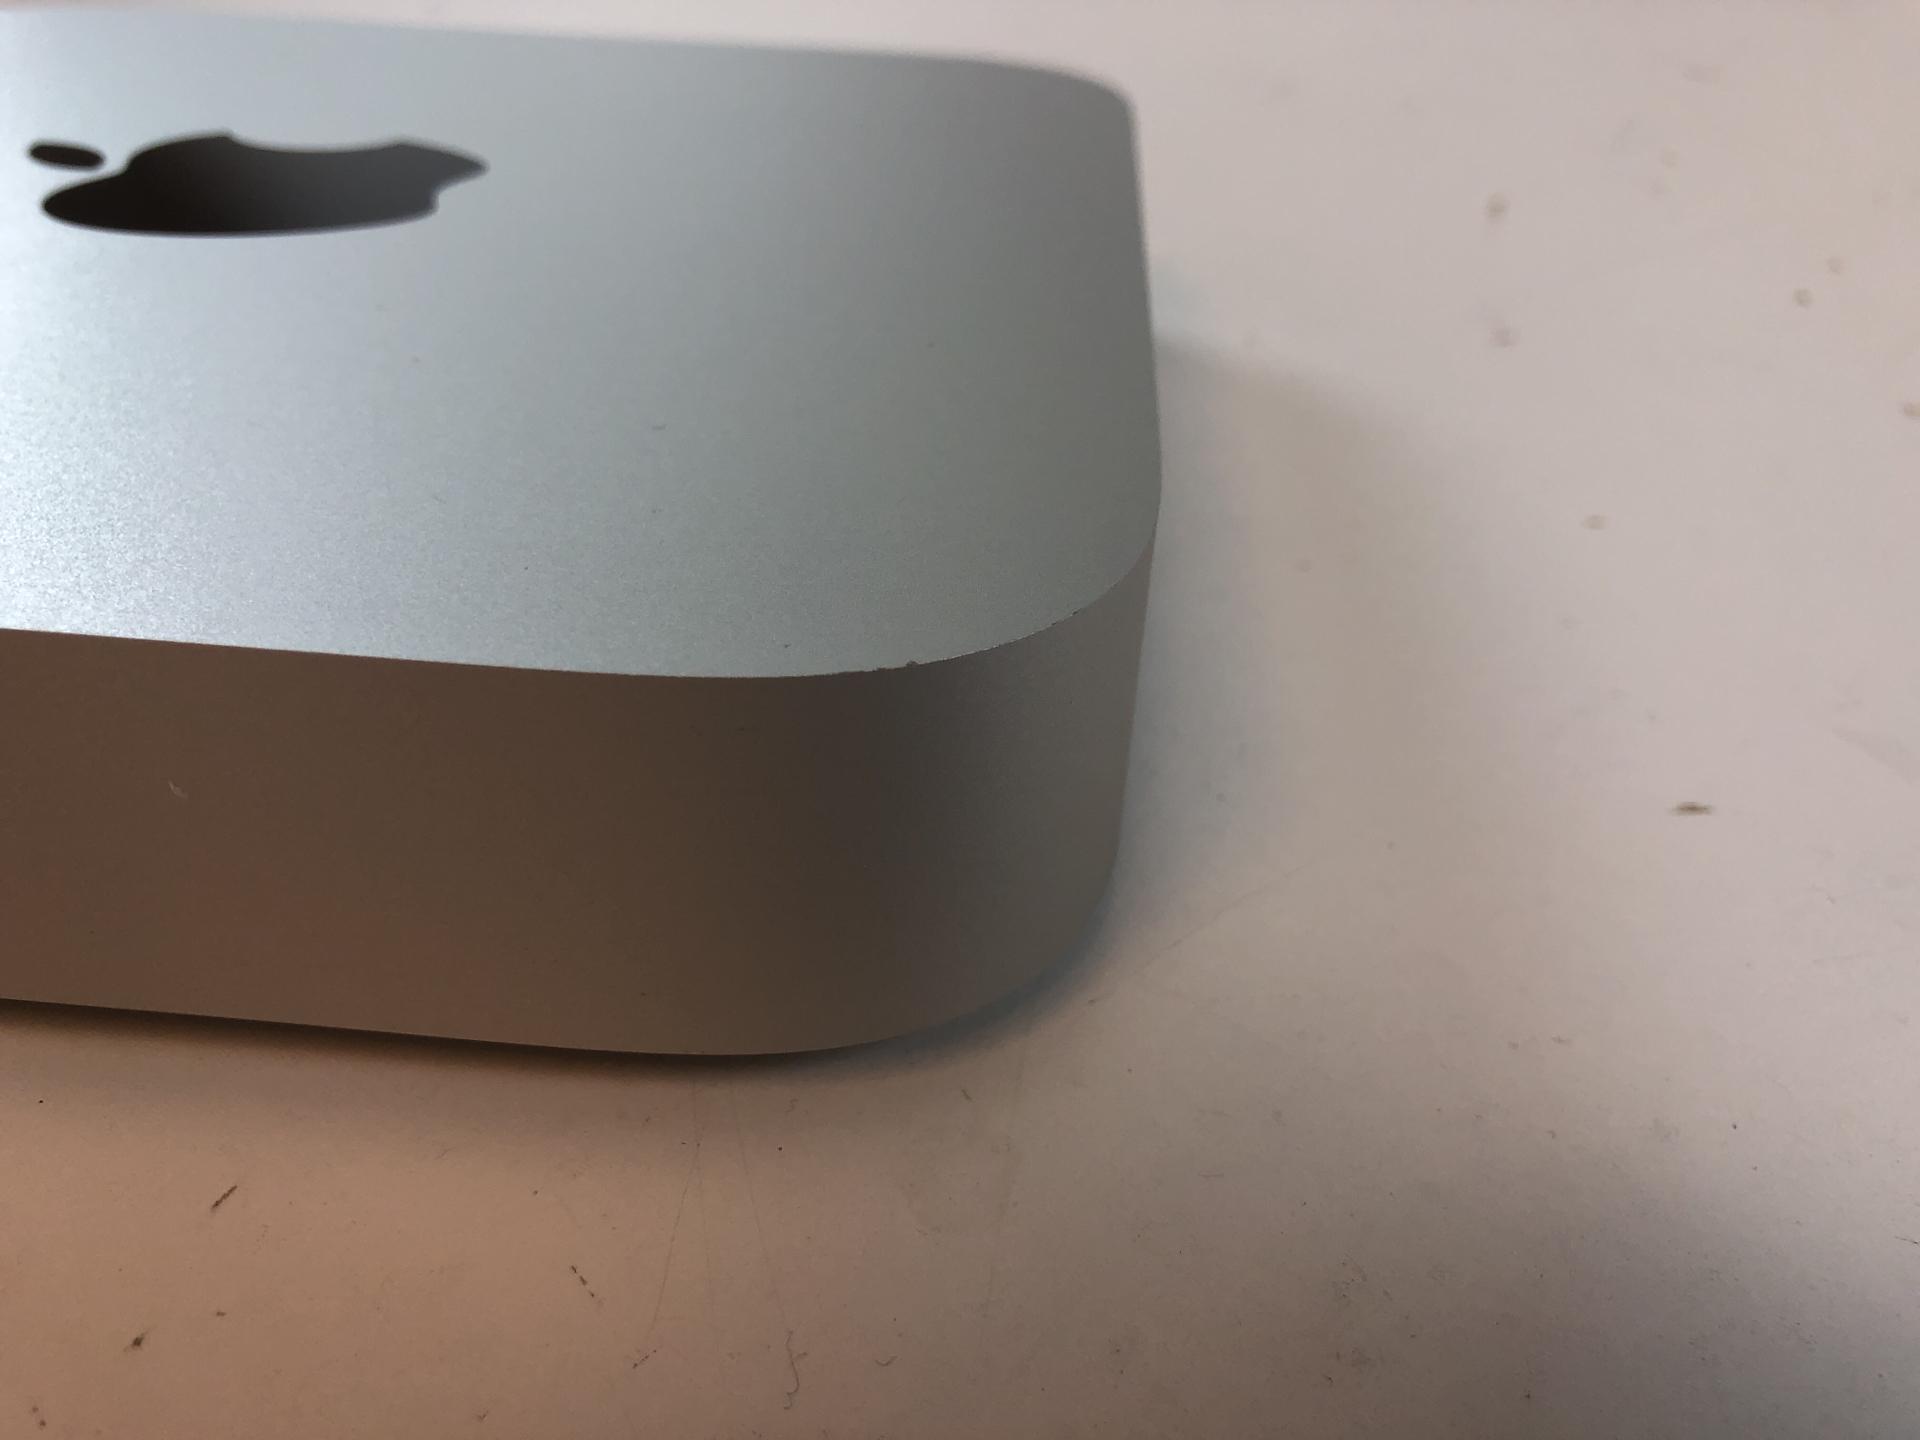 Mac Mini Late 2014 (Intel Core i7 3.0 GHz 16 GB RAM 512 GB SSD), Intel Core i7 3.0 GHz, 16 GB RAM, 512 GB SSD, Kuva 3